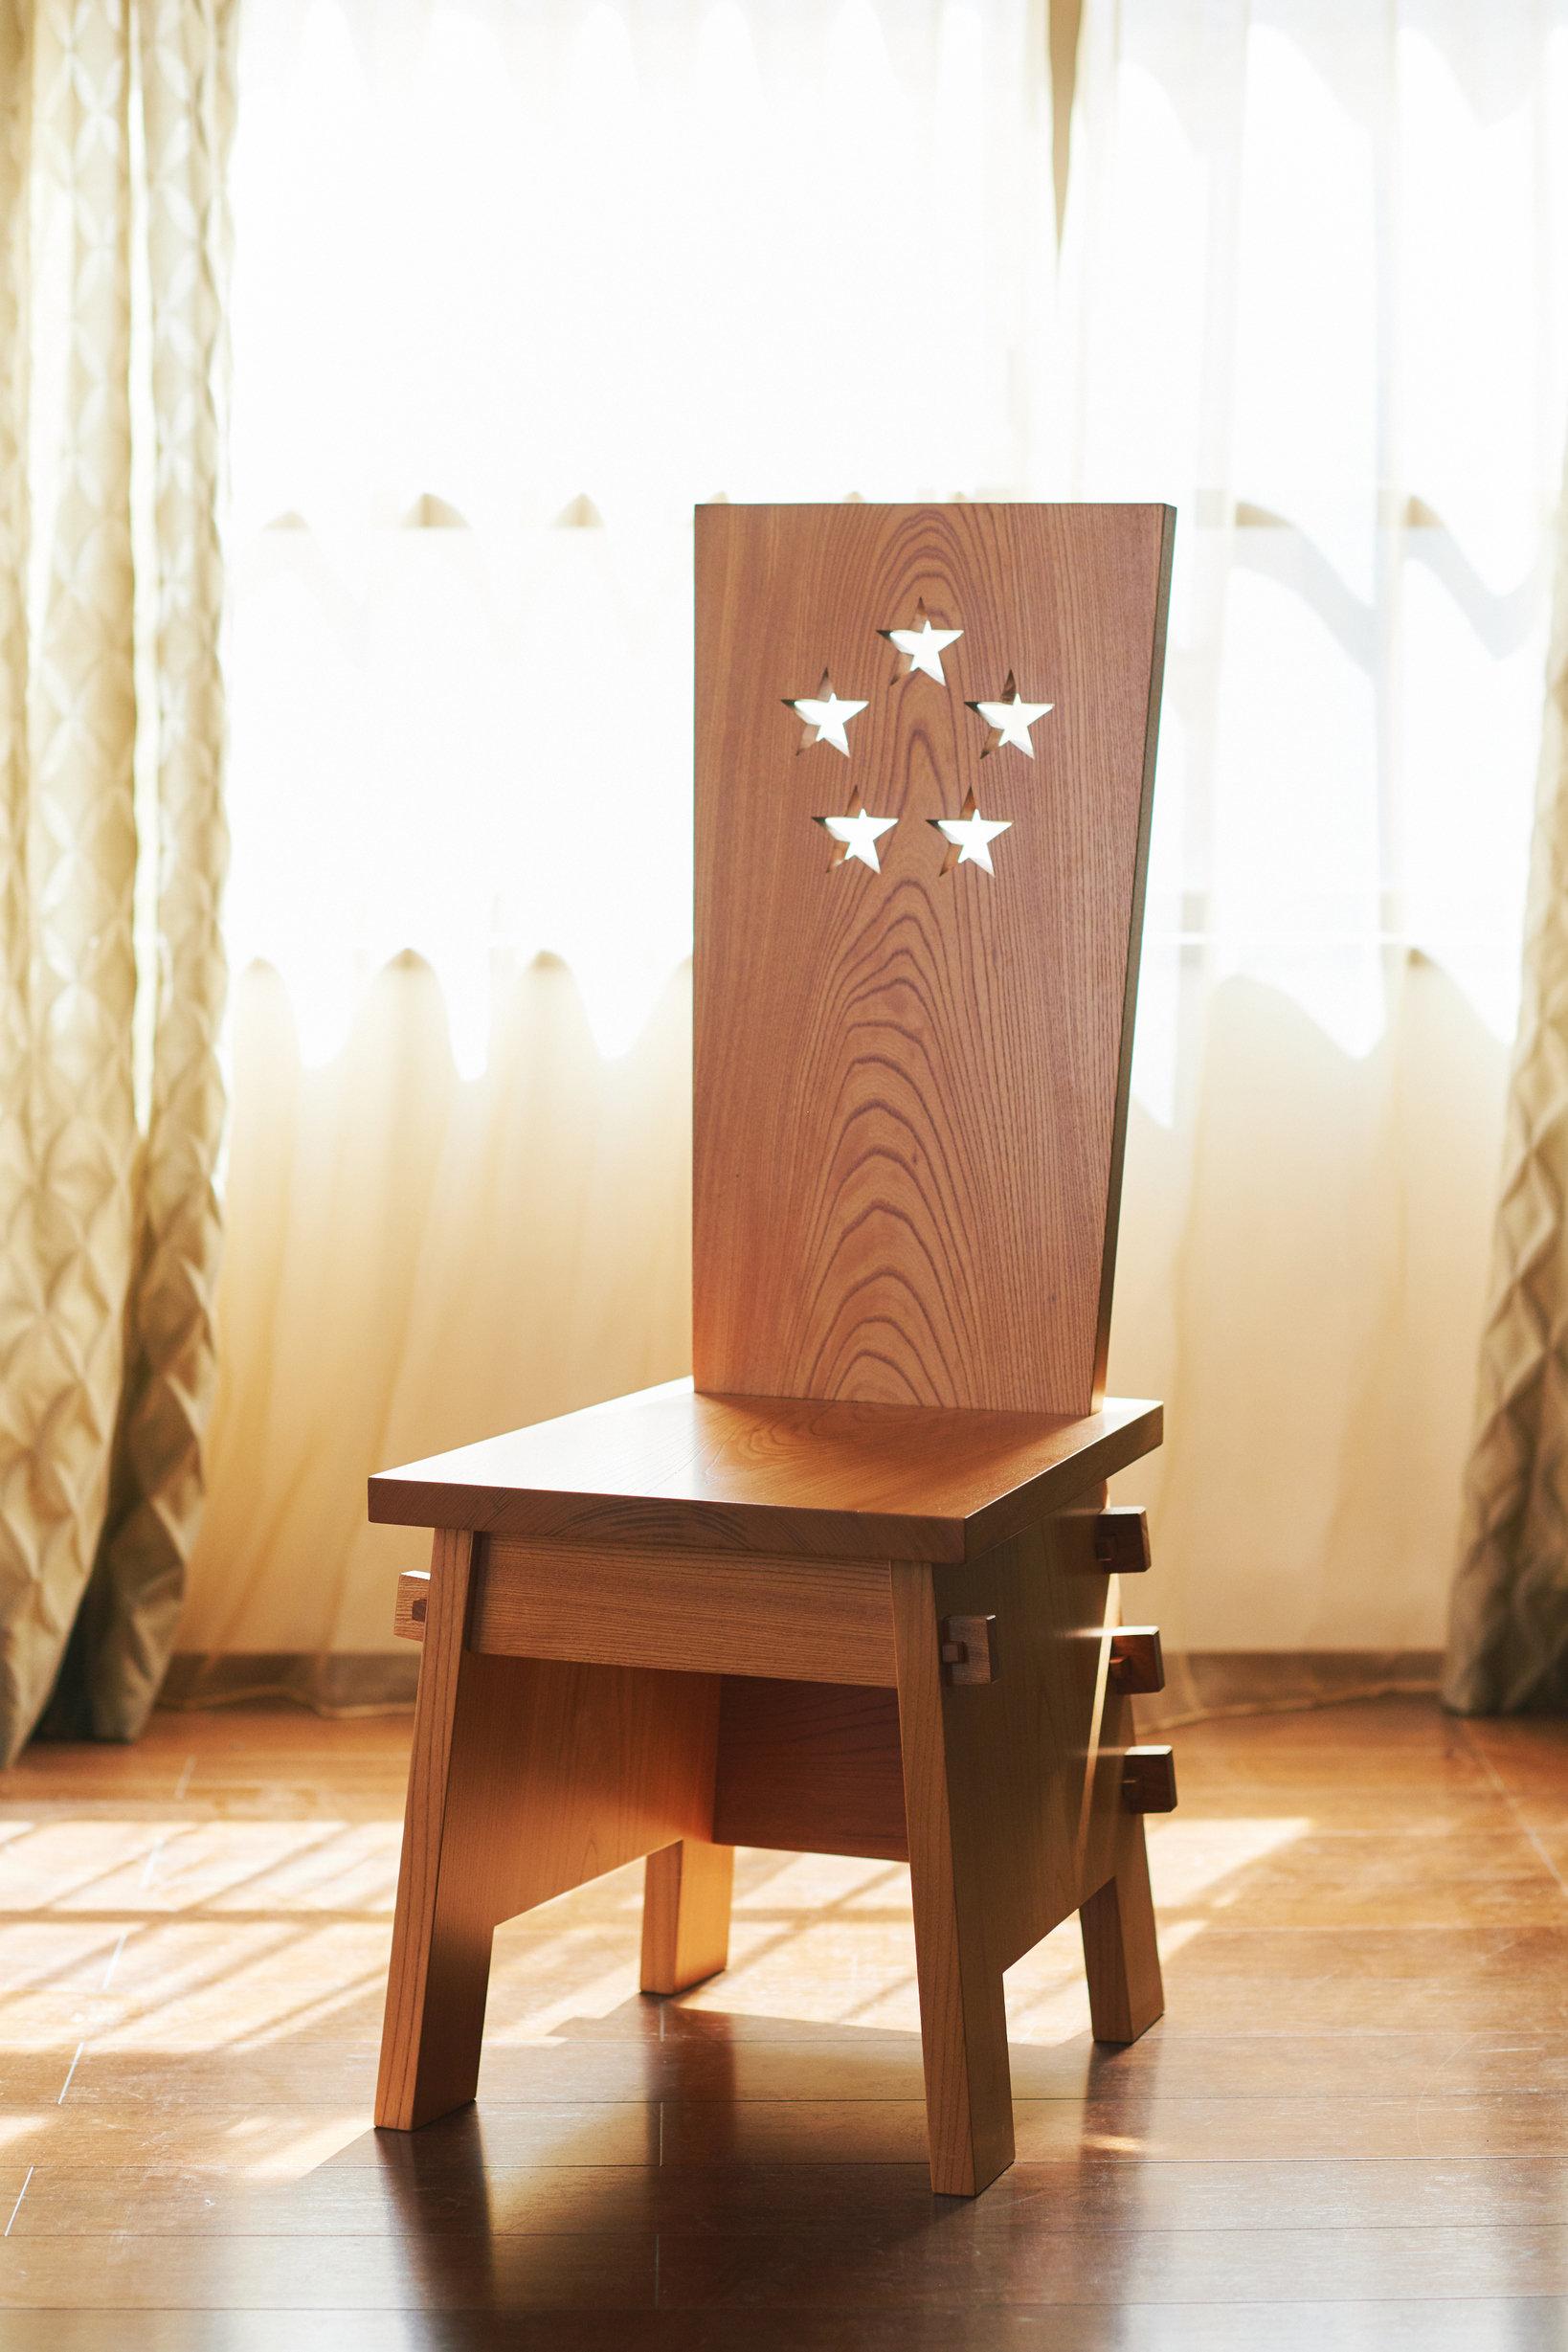 白洲次郎氏の椅子 サイズ:420mm(W)×530mm(D)×1080mm(H)×445mm(SH) 素材:ケヤキ(板厚30mm)